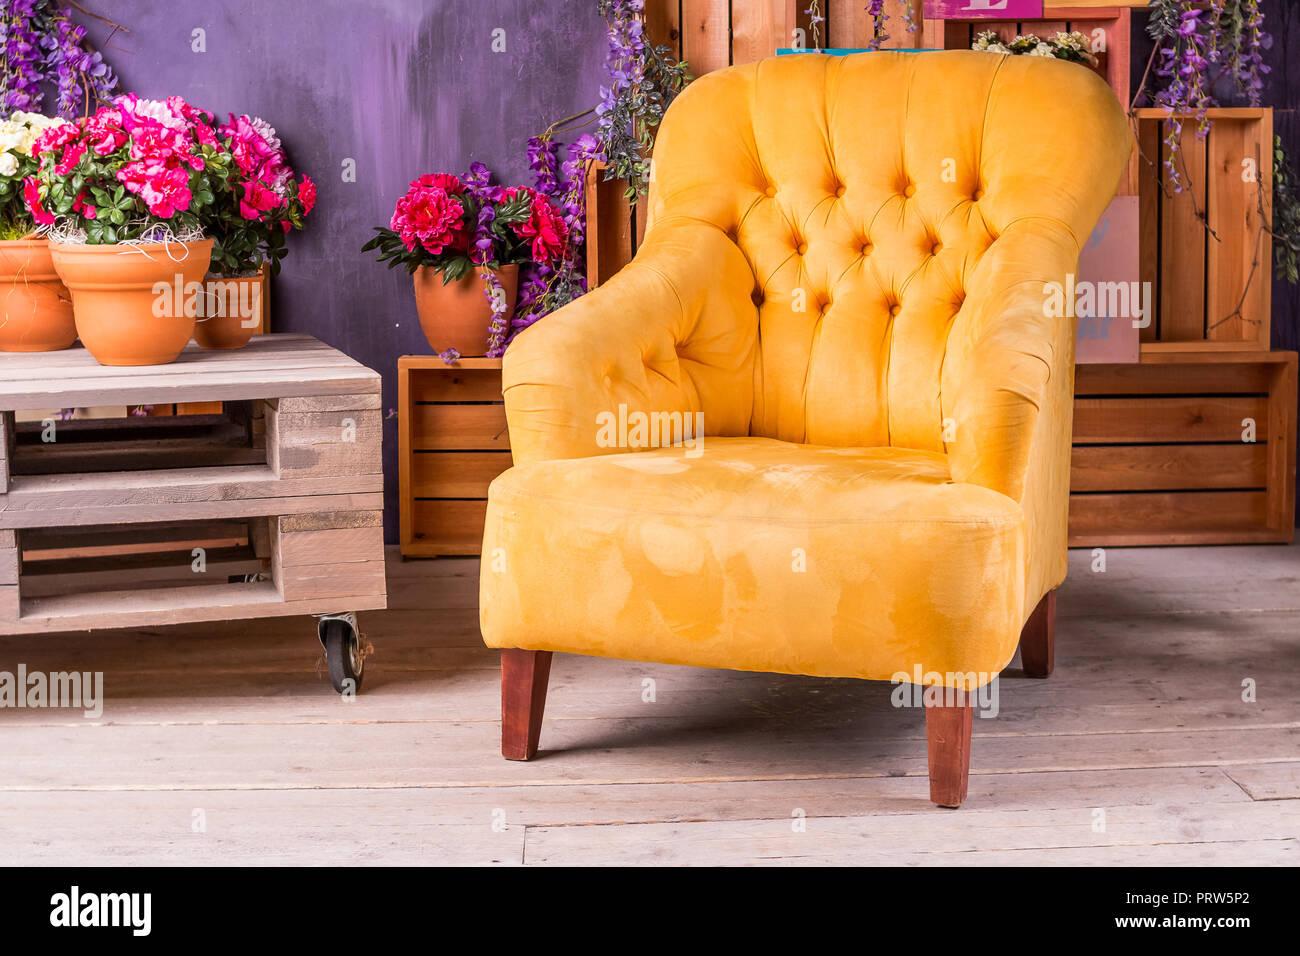 Noch Immer Leben Von Vintage Sessel Im Wohnzimmer Terrasse Lounge Mit Bequemen Gelb Sessel Sofas In Einem Luxuriosen Haus Gartenmobel Auf Der Terrasse Architektur Modern Design Veranda Des Modernen Haus Stockfotografie